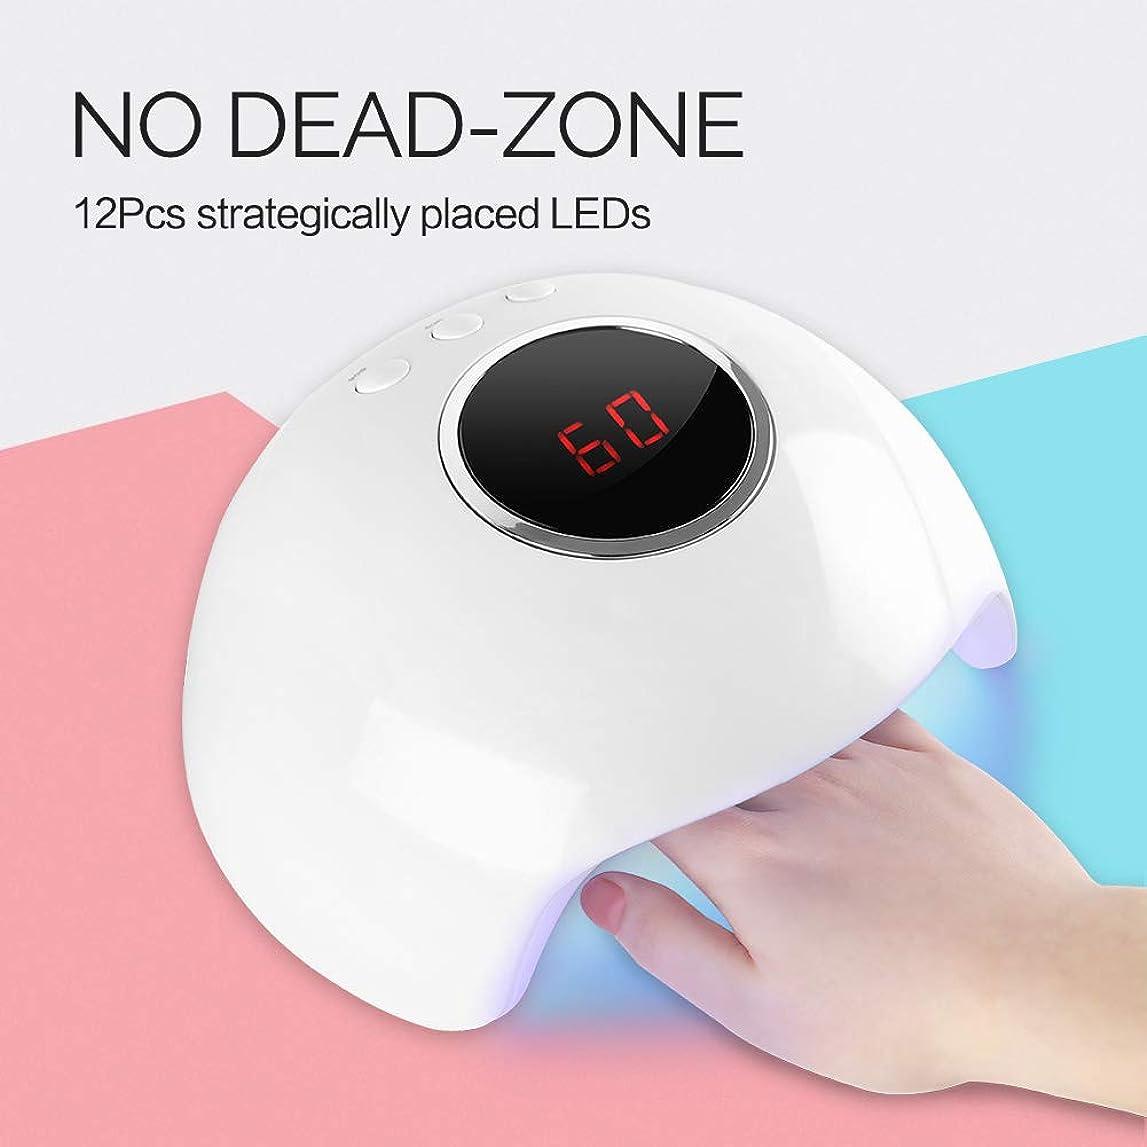 いとこ取り付けピカソネイルUV/LEDライト 硬化用ライト タイマー設定可能 パーツ ネイルledドライヤー 24W 分かりやすい説明書付き